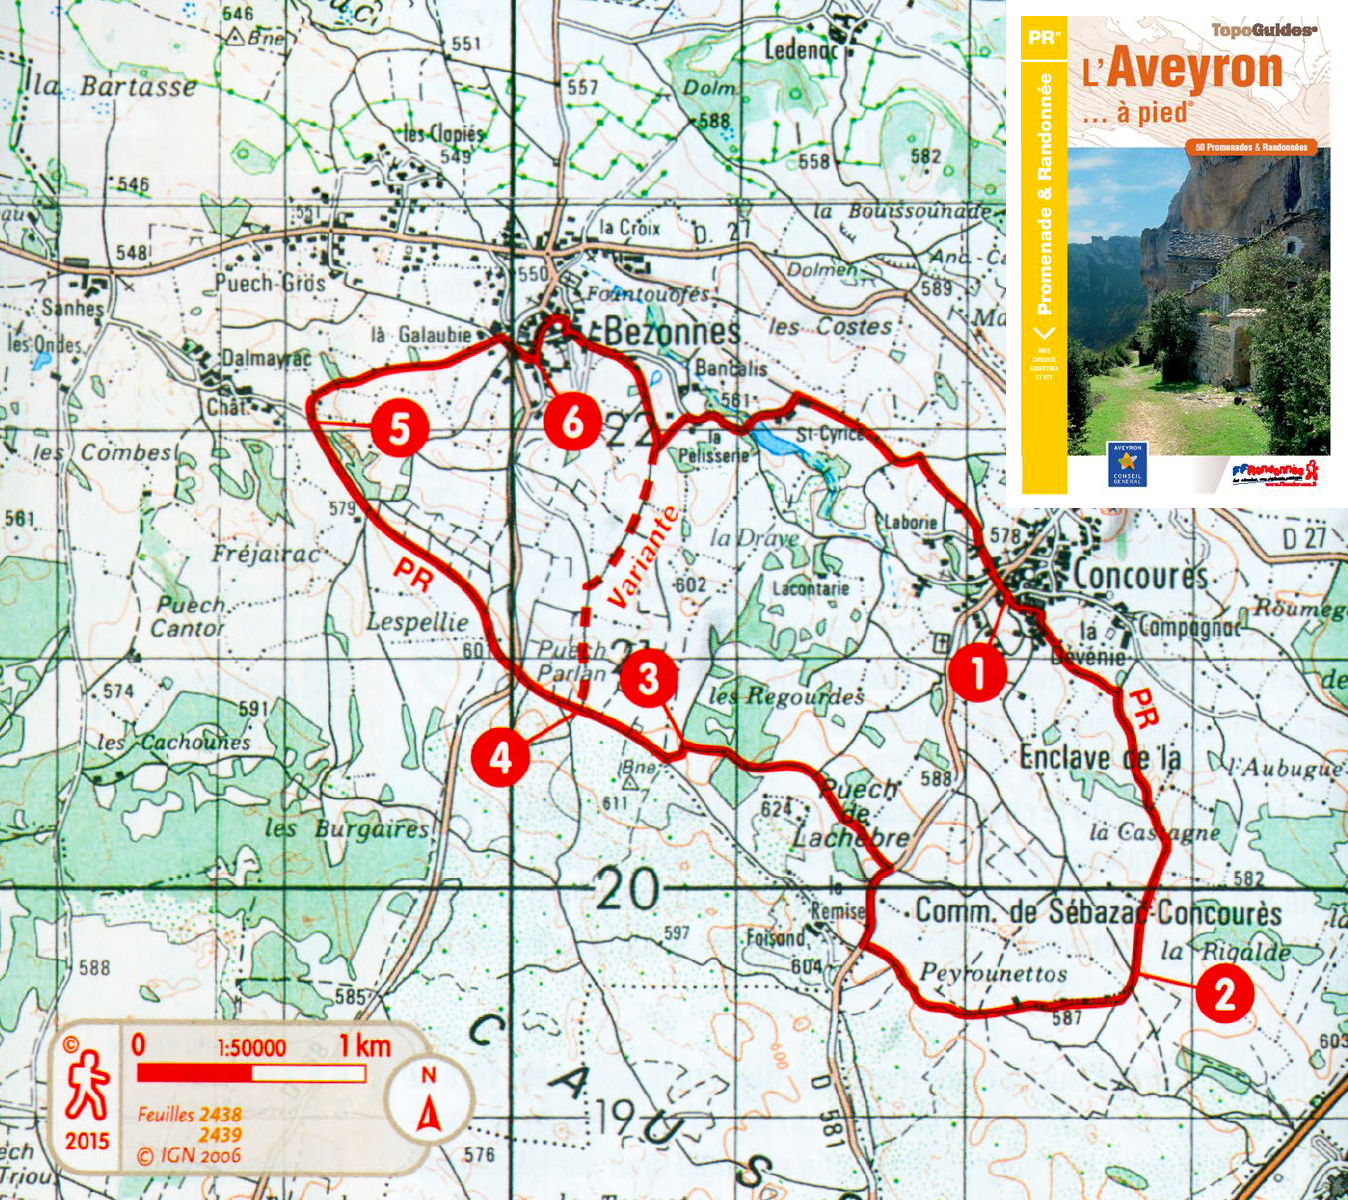 Carte randonnée Causse Comtal, Aveyron